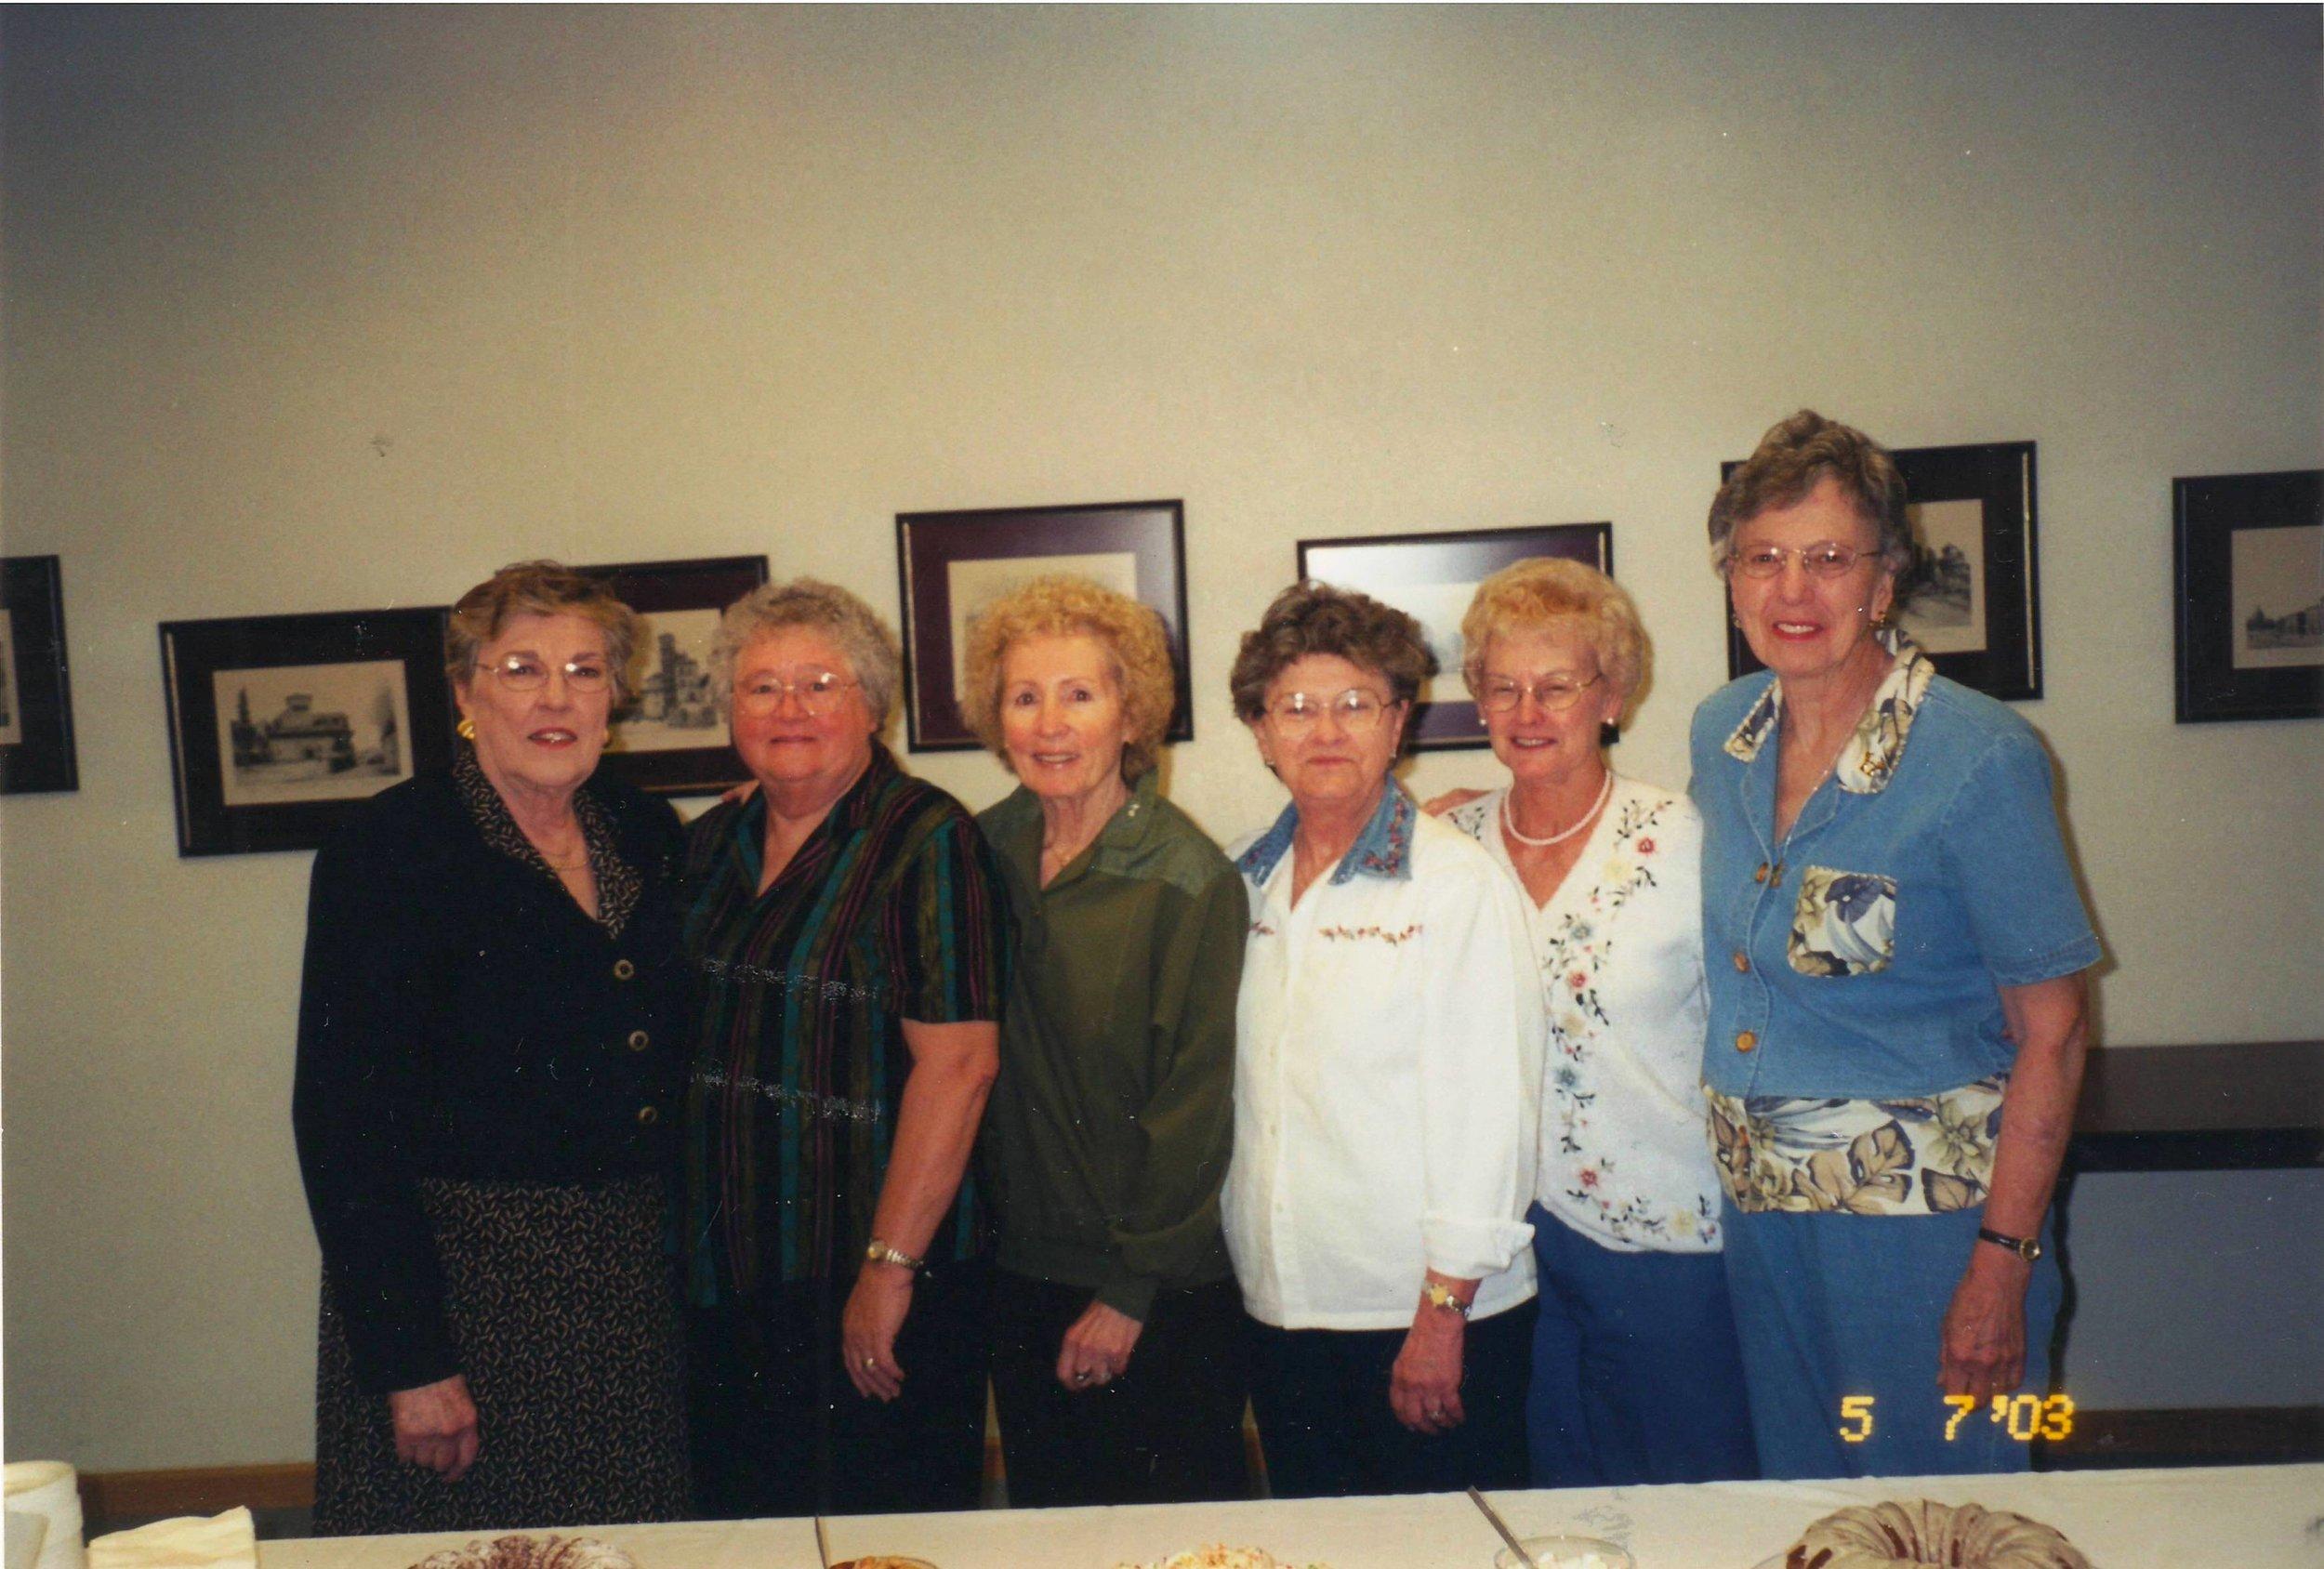 Left to right: Mary Gustafson,Mary Barkmeier,Norma Beri,Adeline Smith,Pat O'Hayre,Vi Harris (June 2003)